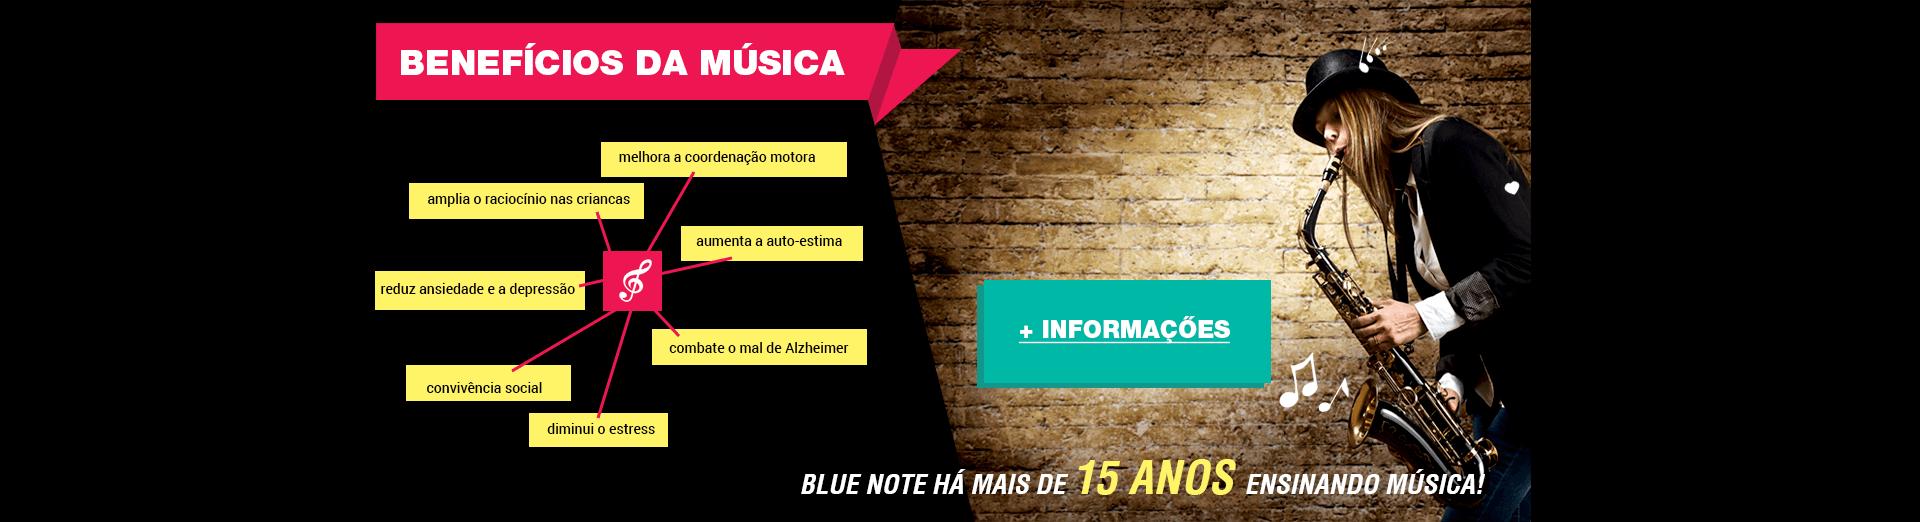 beneficiosmusica - Escola de Música – Blue Note Rio Preto